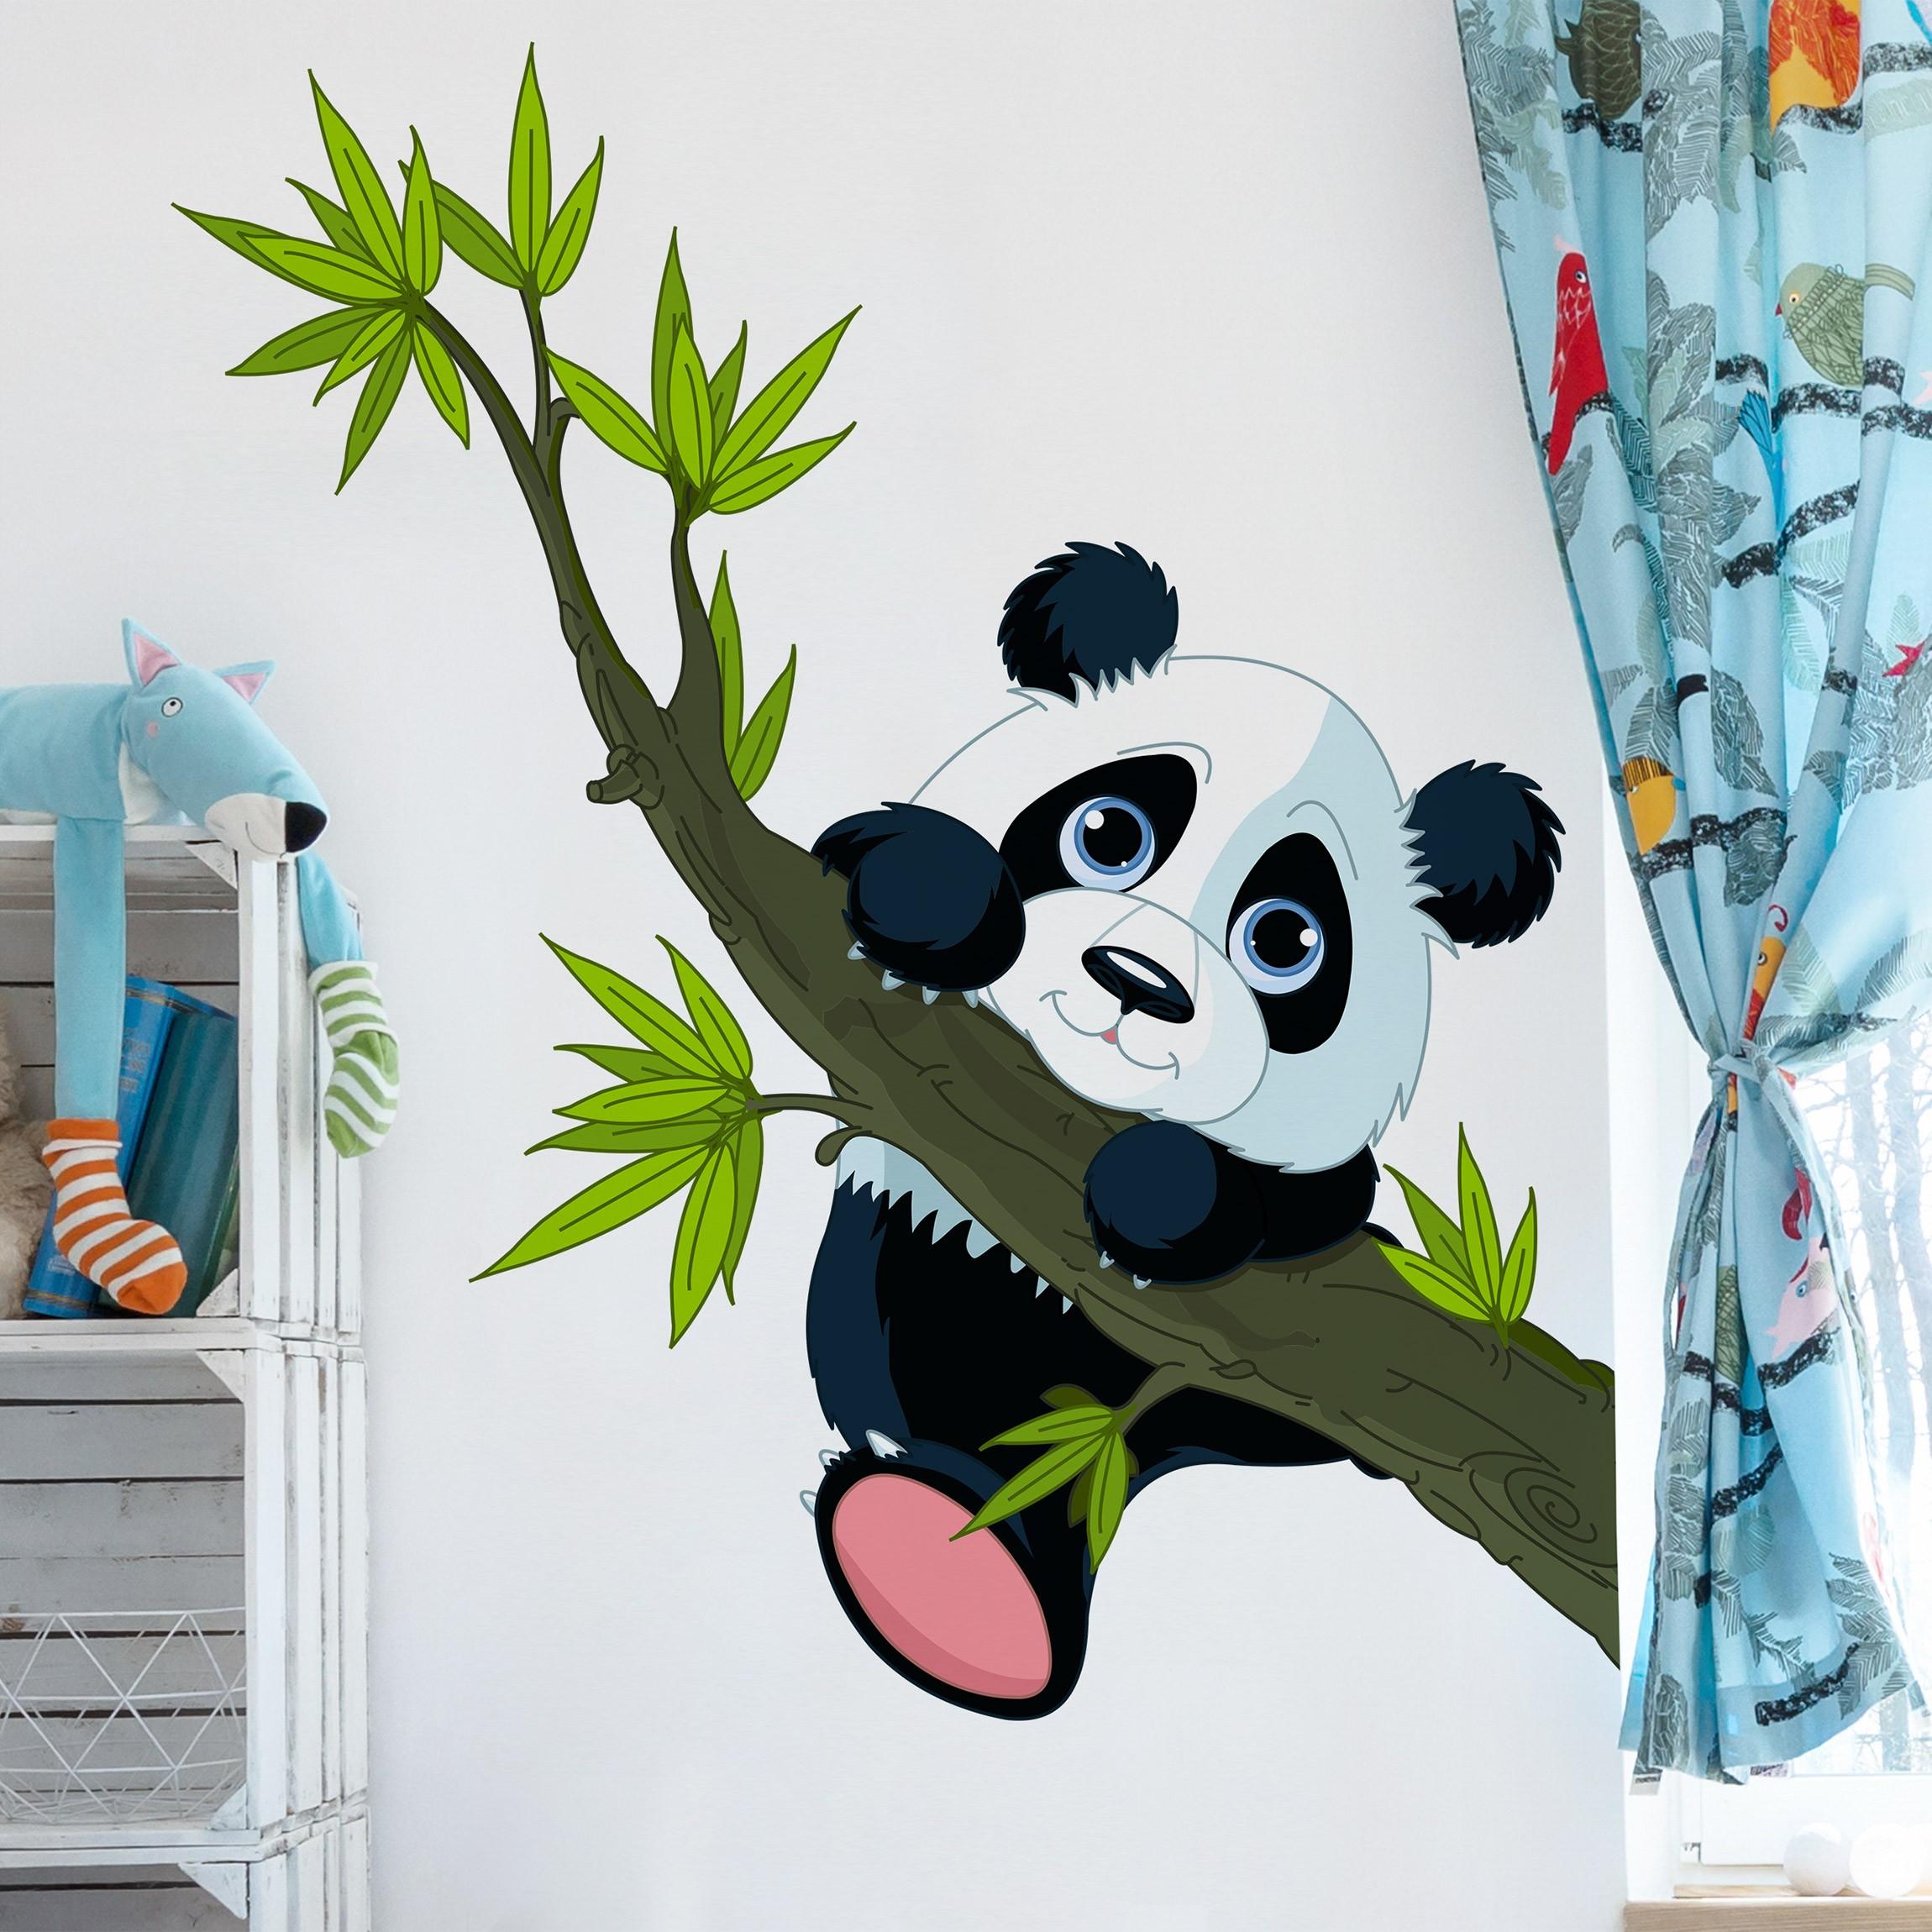 Wandtattoo kinderzimmer kletternder panda for Kinderzimmer wandtatoos